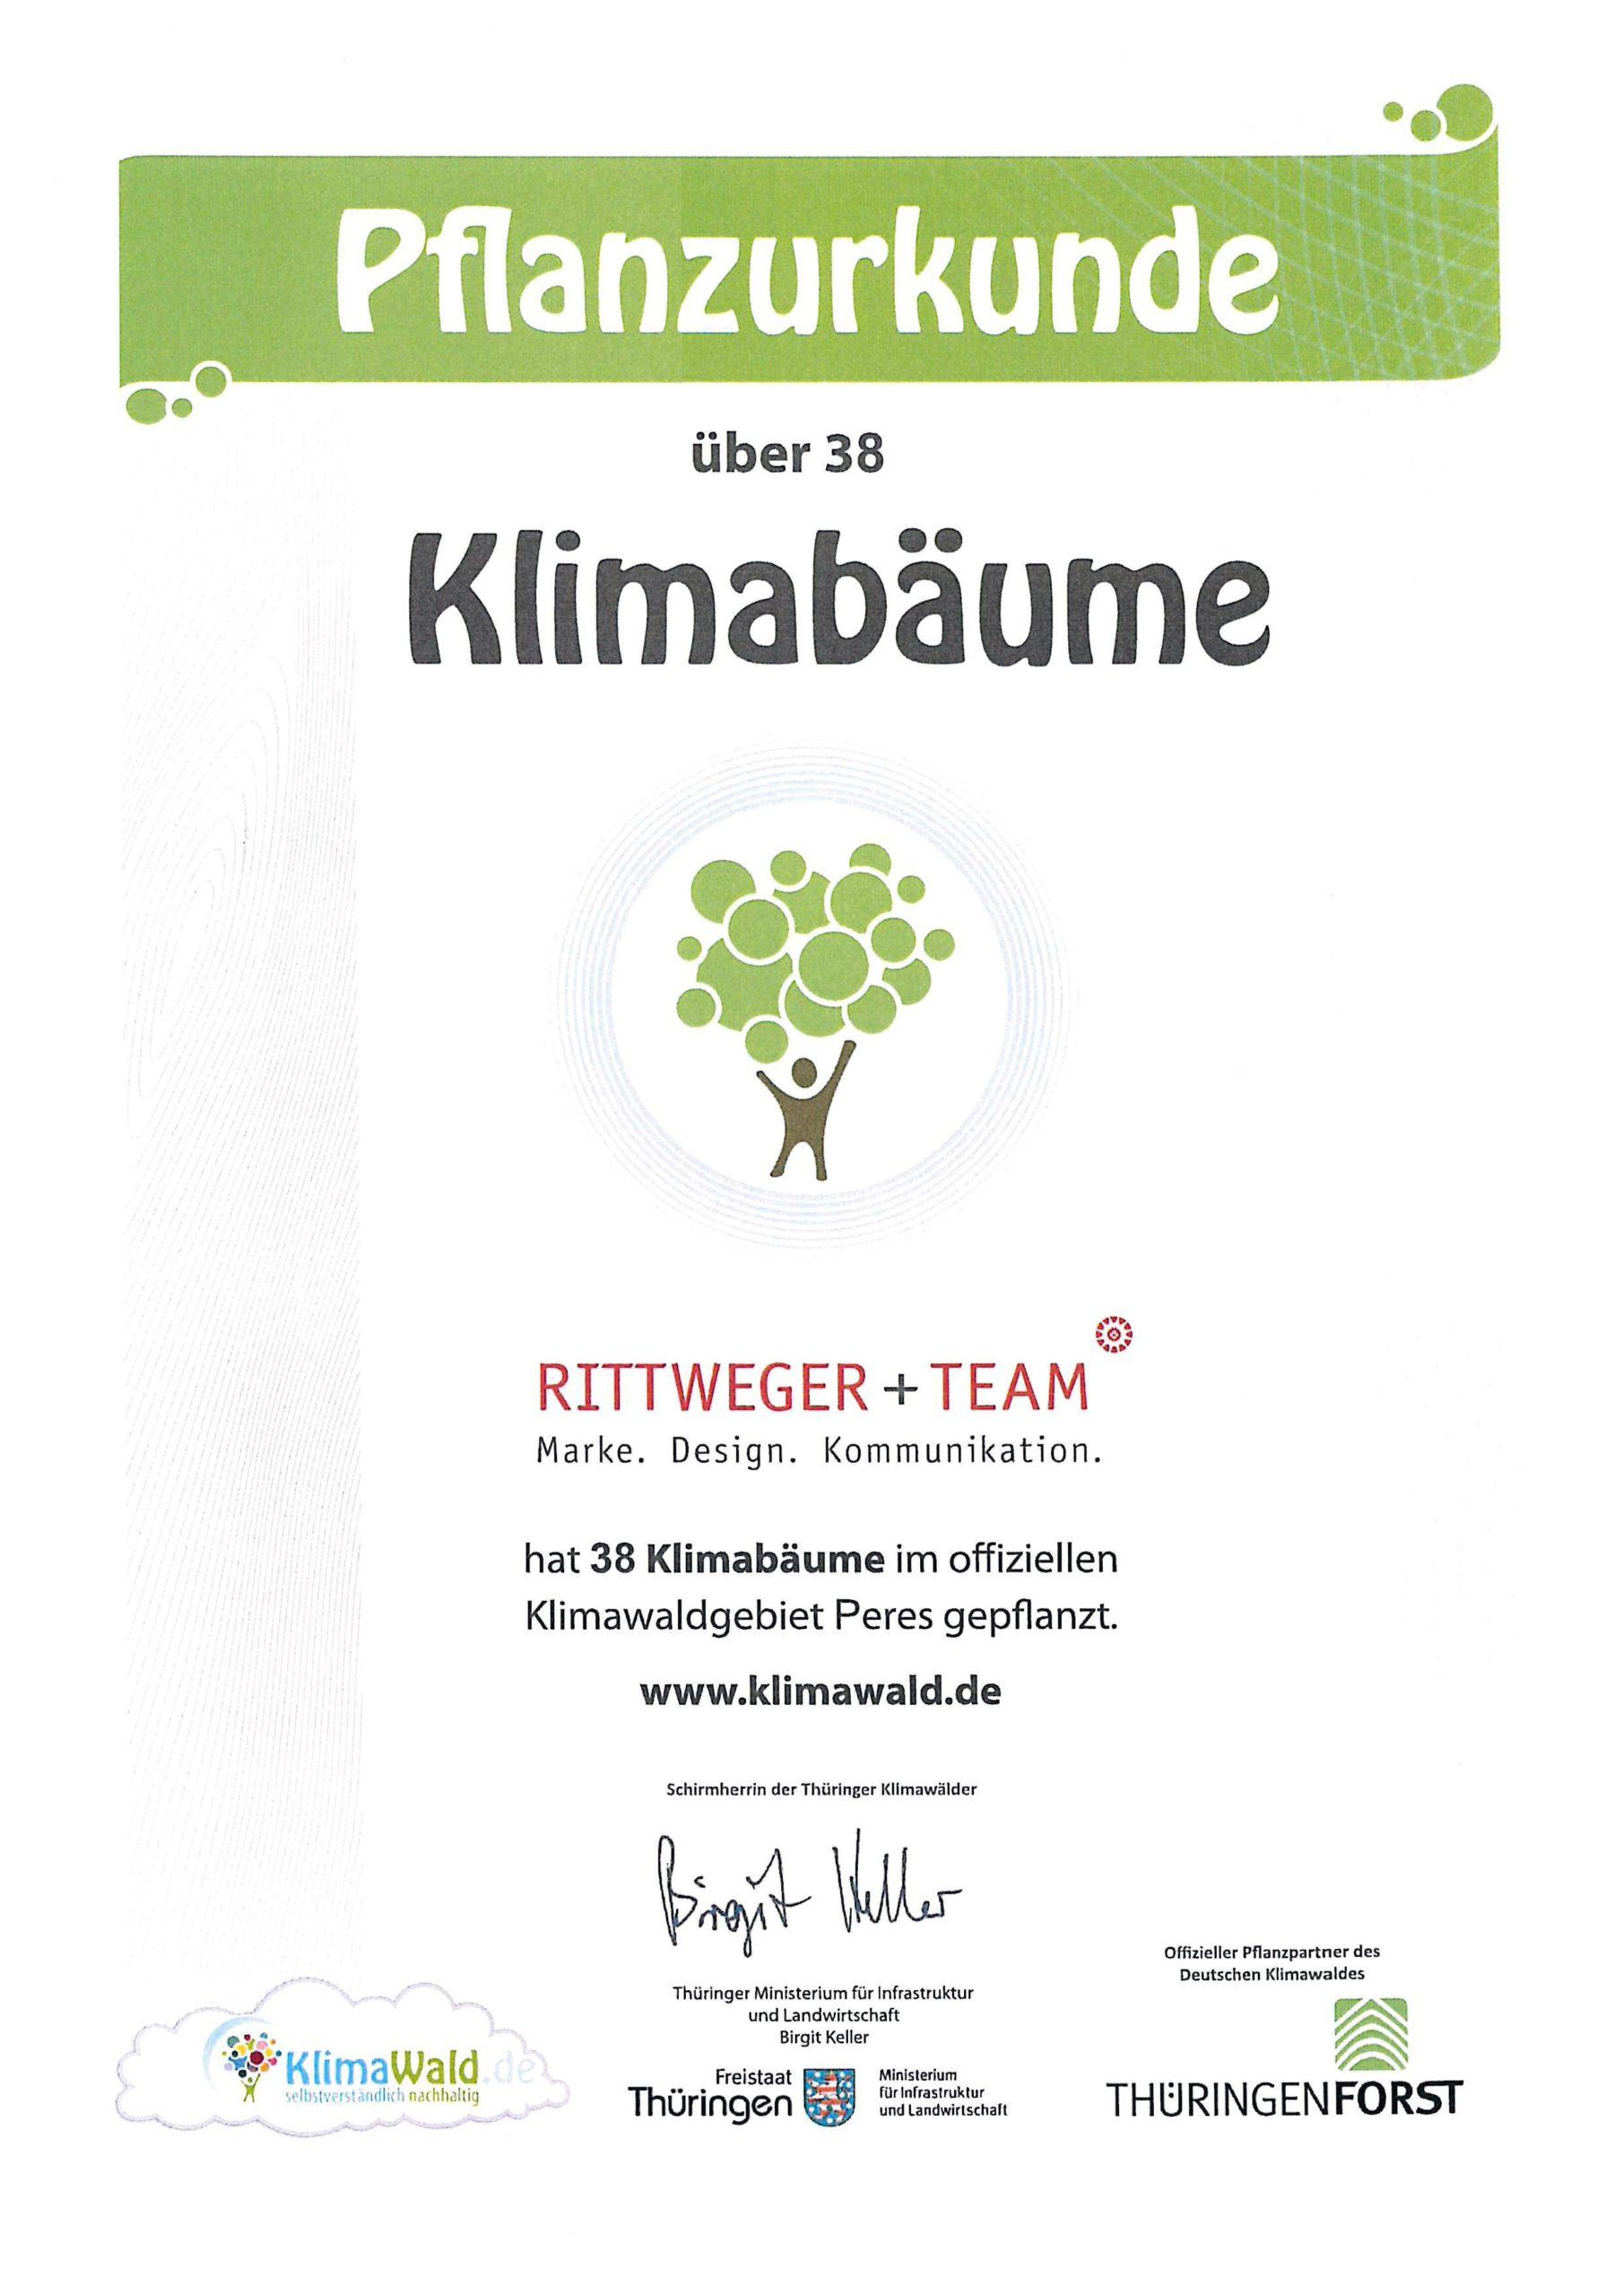 Klimaurkunde – RITTWEGER + TEAM Werbeagentur GmbH hat 38 Klimabäume im offiziellen Klimawaldgebiet Wollersleben gepflanzt.